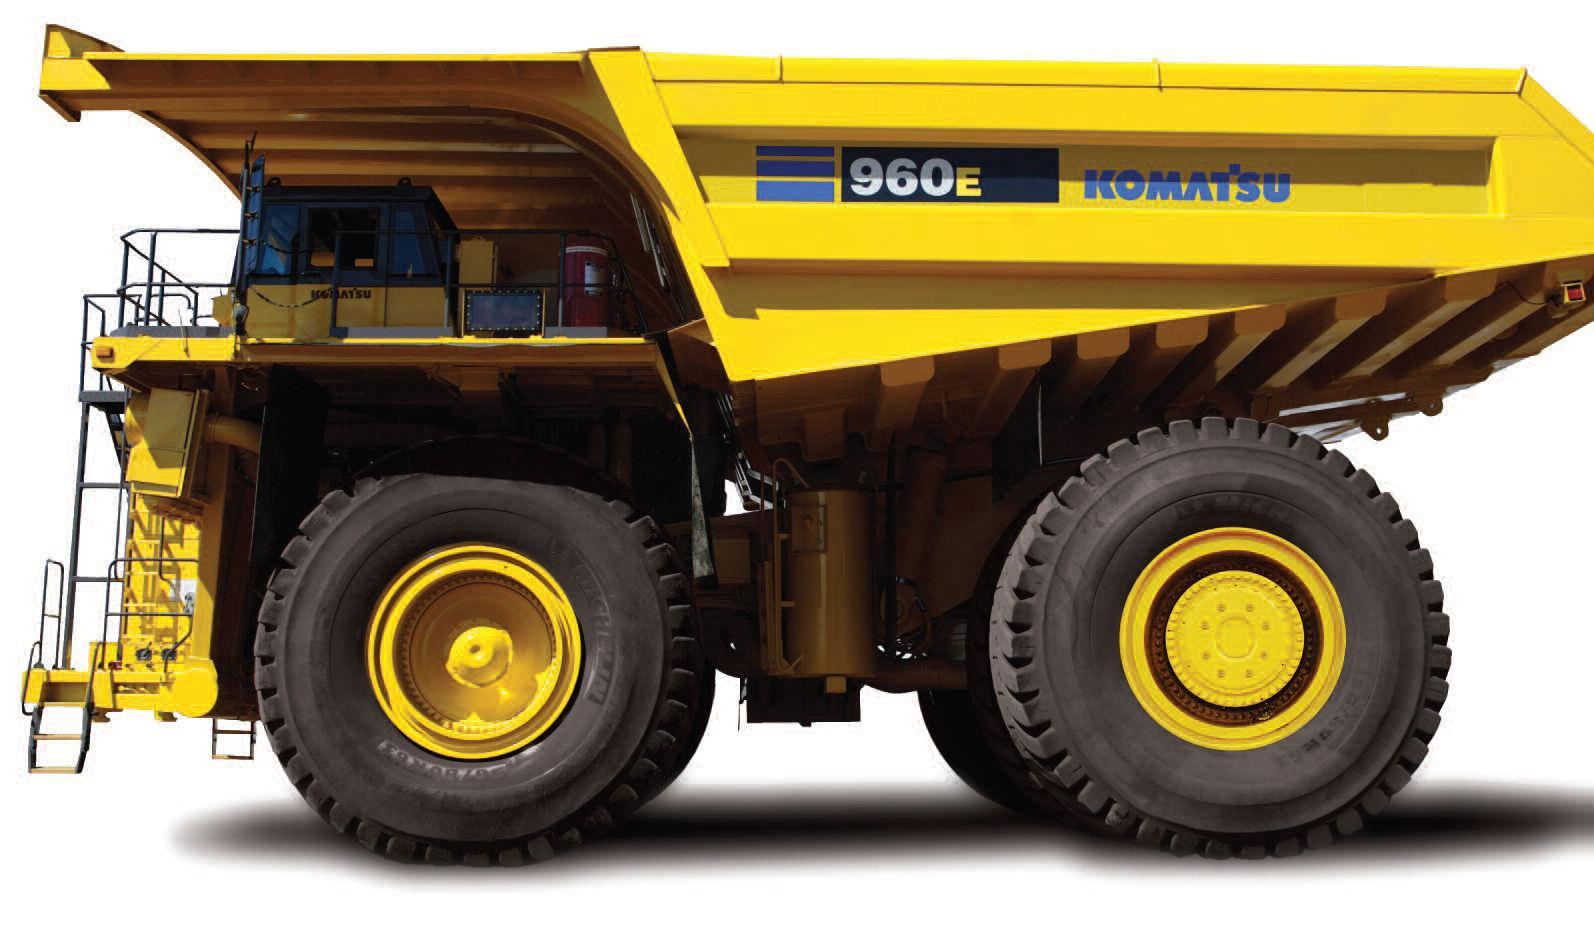 Komatsu Dump Truck 960e